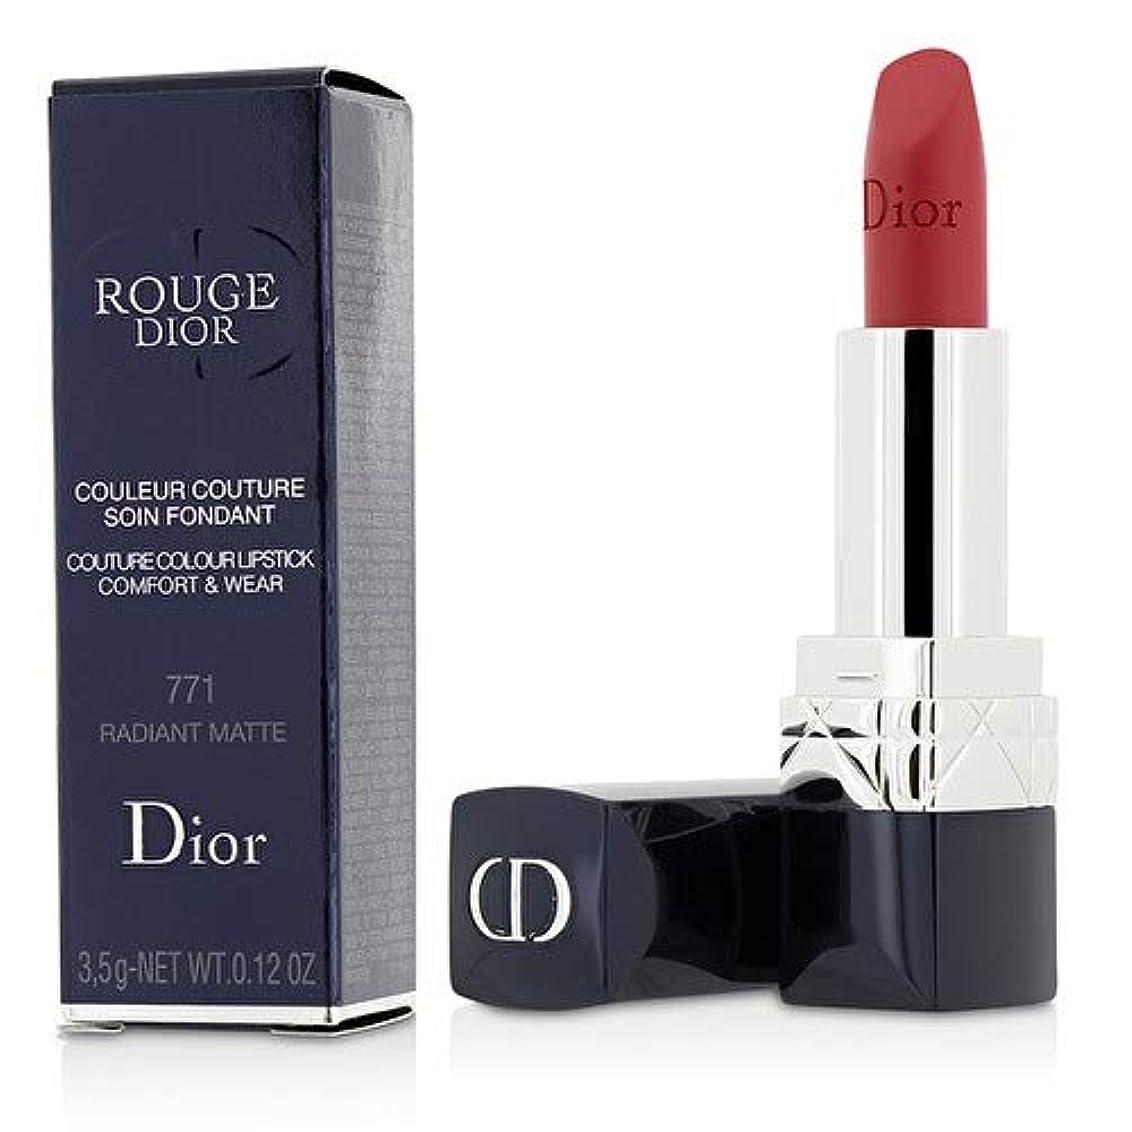 パッチ侮辱一元化するクリスチャンディオール Rouge Dior Couture Colour Comfort & Wear Matte Lipstick - # 771 Radiant Matte 3.5g/0.12oz並行輸入品